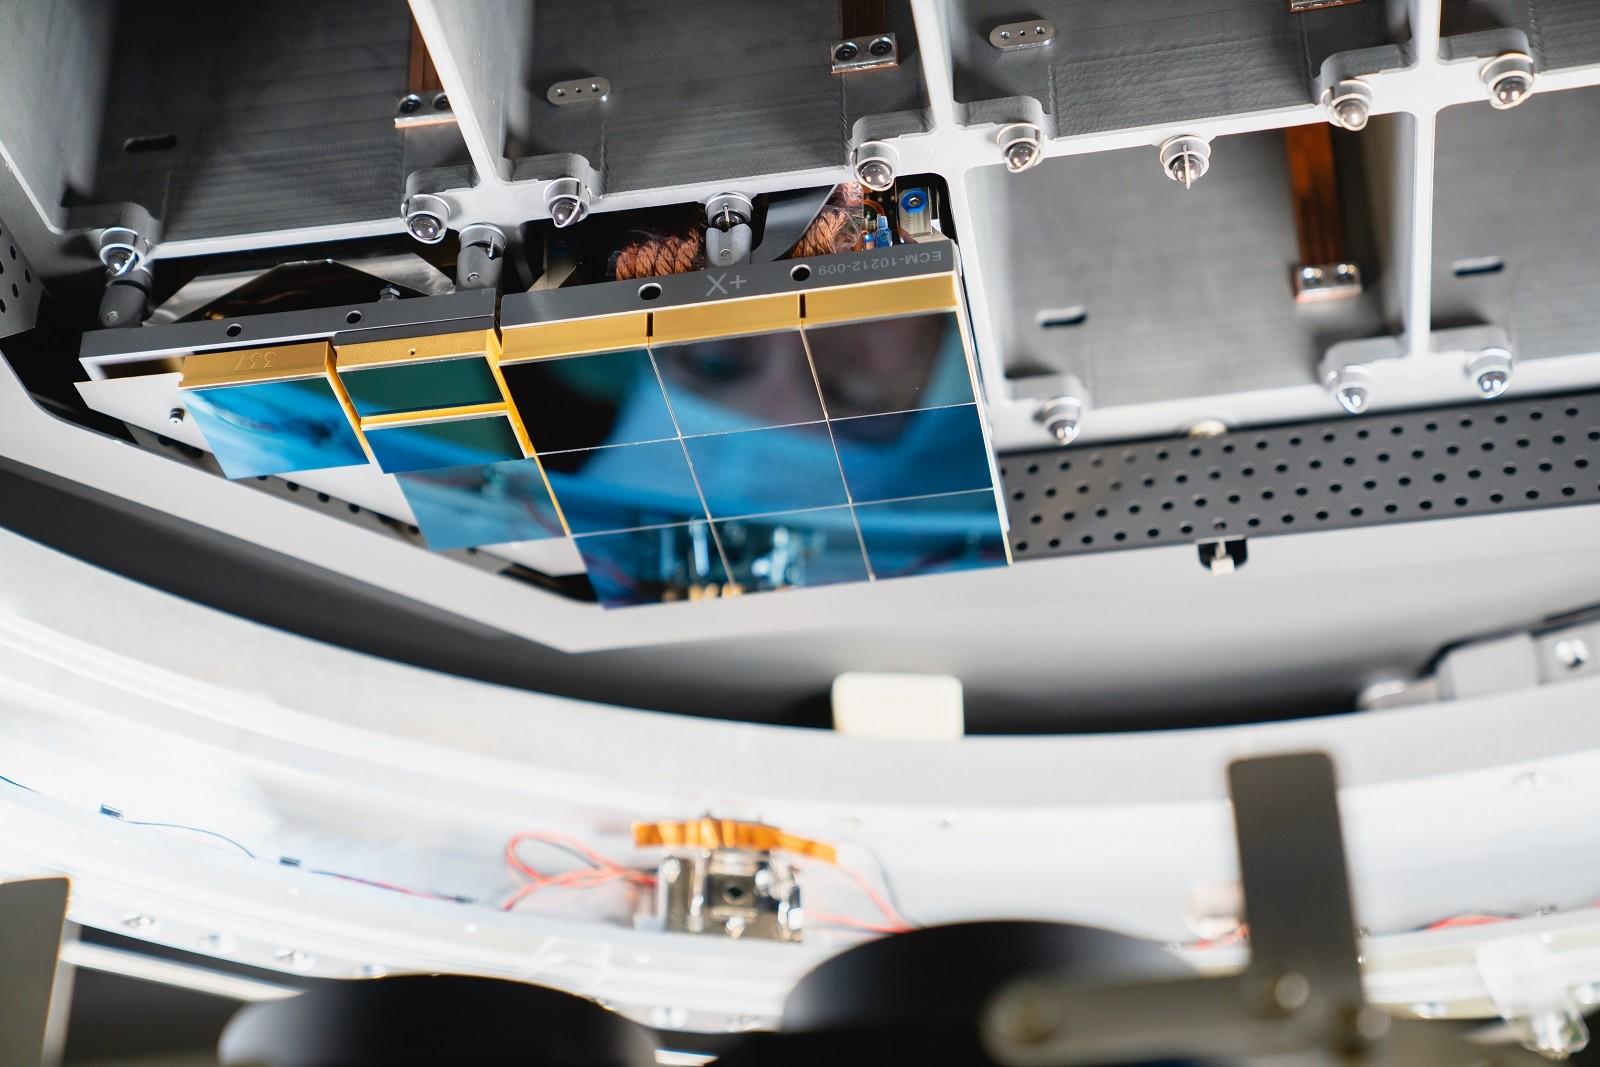 باحثون يلتقطون أول صورة رقمية بأعلى دقة في العالم – إرم نيوز